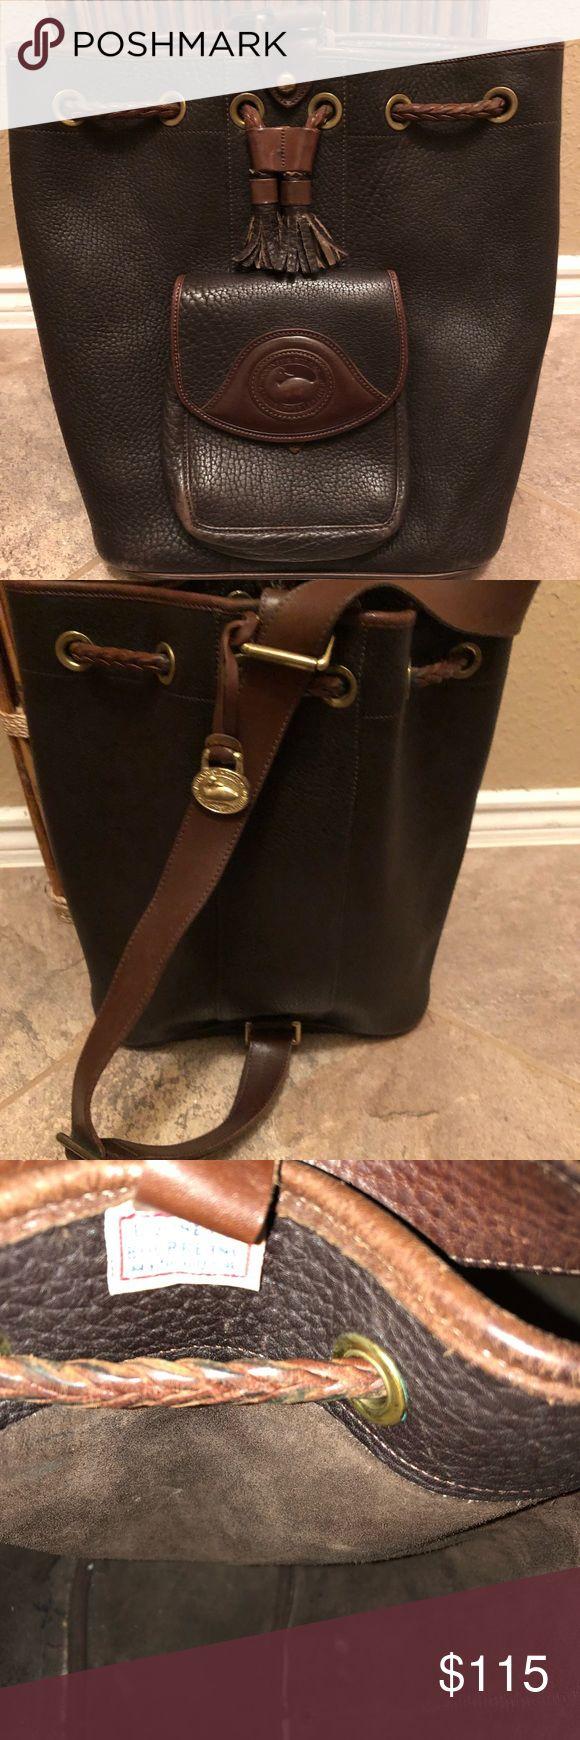 Loyalty - 🤩 Dooney & Bourke Single Strap Backpack Authentic Dooney & Bourke Single strap backpack. Some signs of wear (see pics) still in good shape. Dooney & Bourke Bags Backpacks